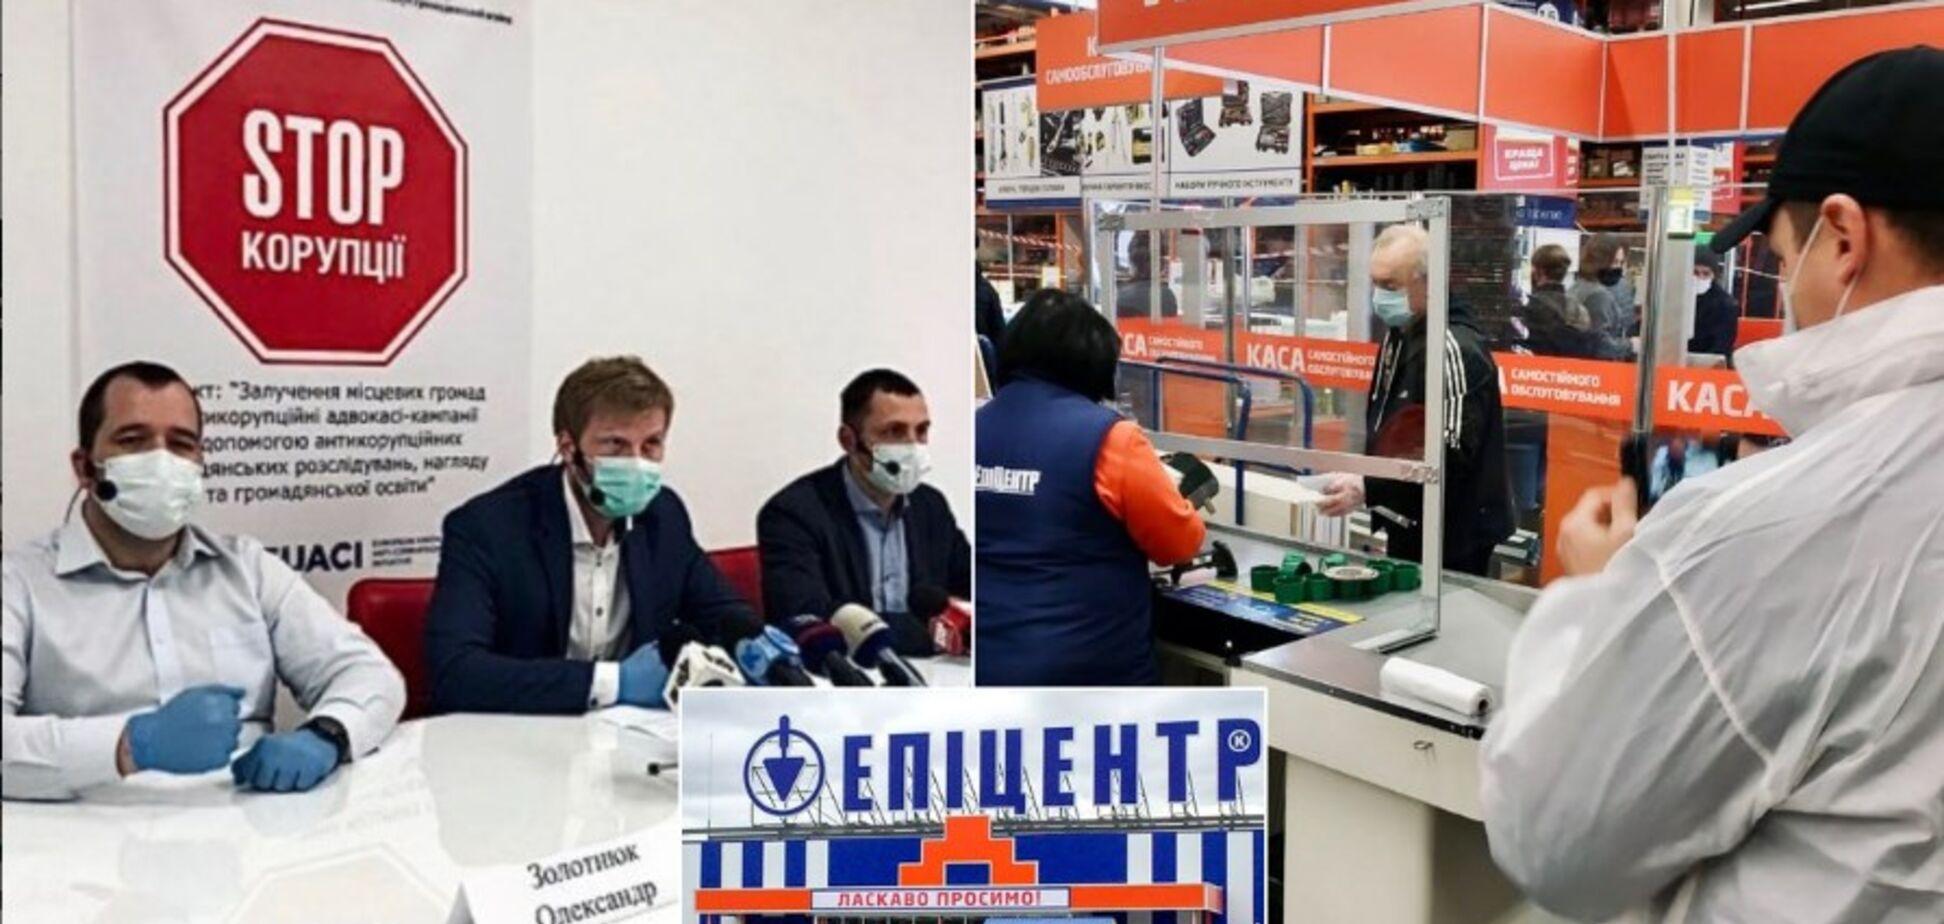 'Епіцентр' порушив карантин і антимонопольне законодавство – активісти 'Стоп корупції'